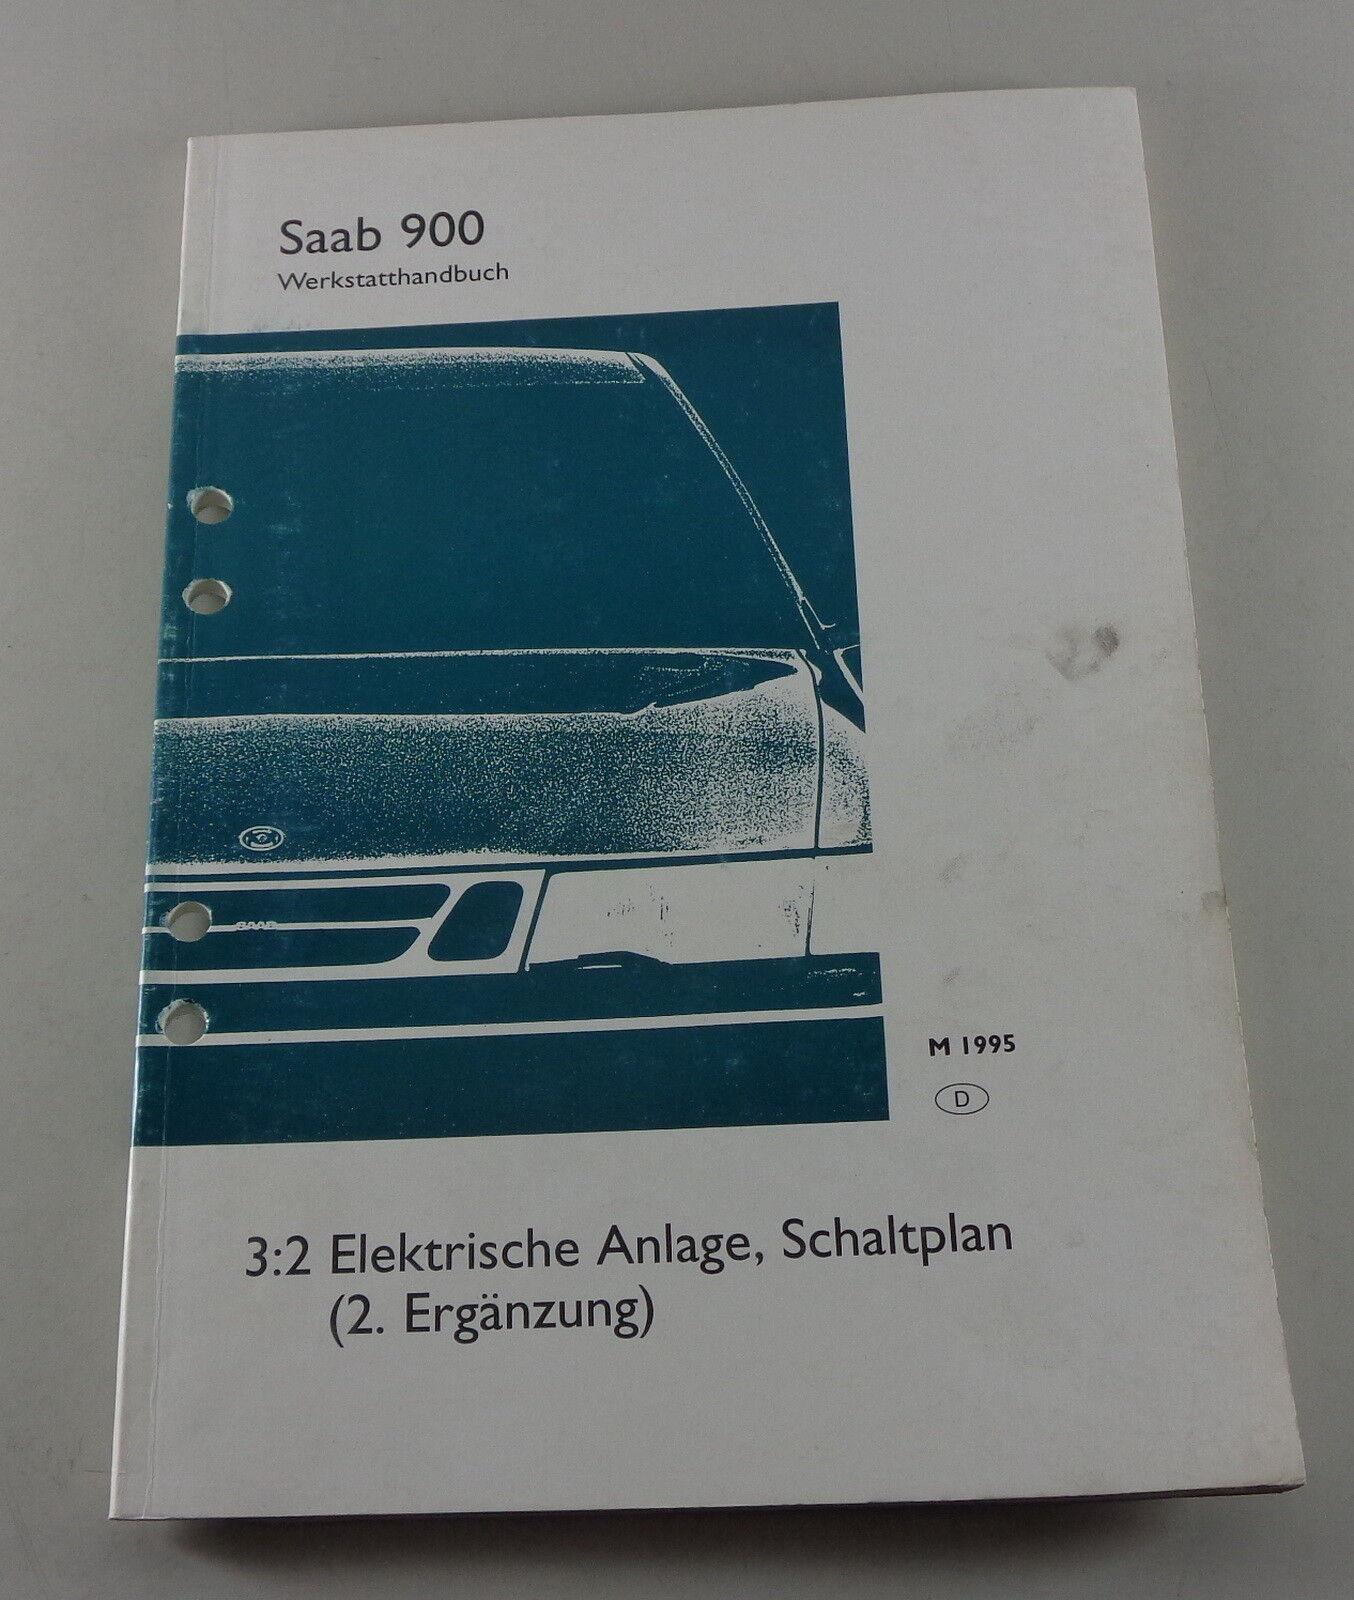 Saab WIS 900 9-2X 9-3 9-4X 9-5 Werkstatthandbuch